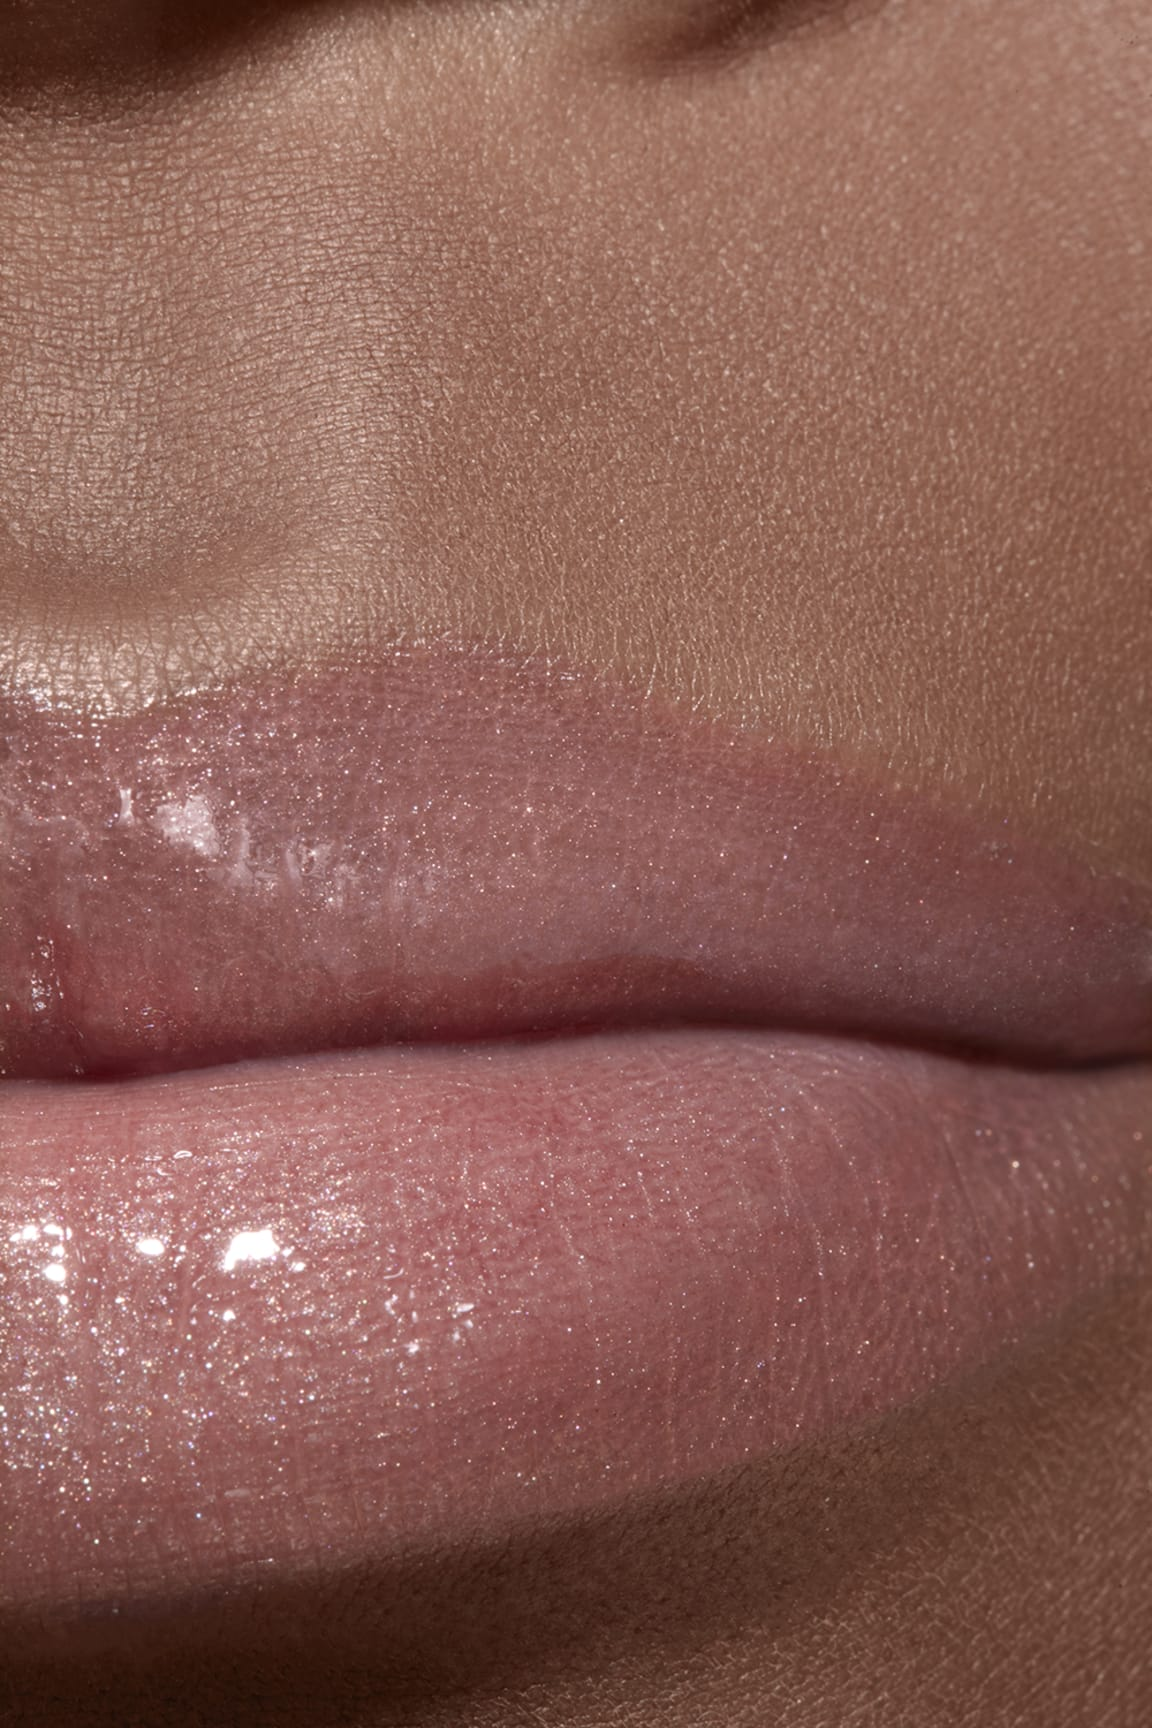 Imagen aplicación de maquillaje 2 - ROUGE COCO GLOSS 722 - NOCE MOSCATA